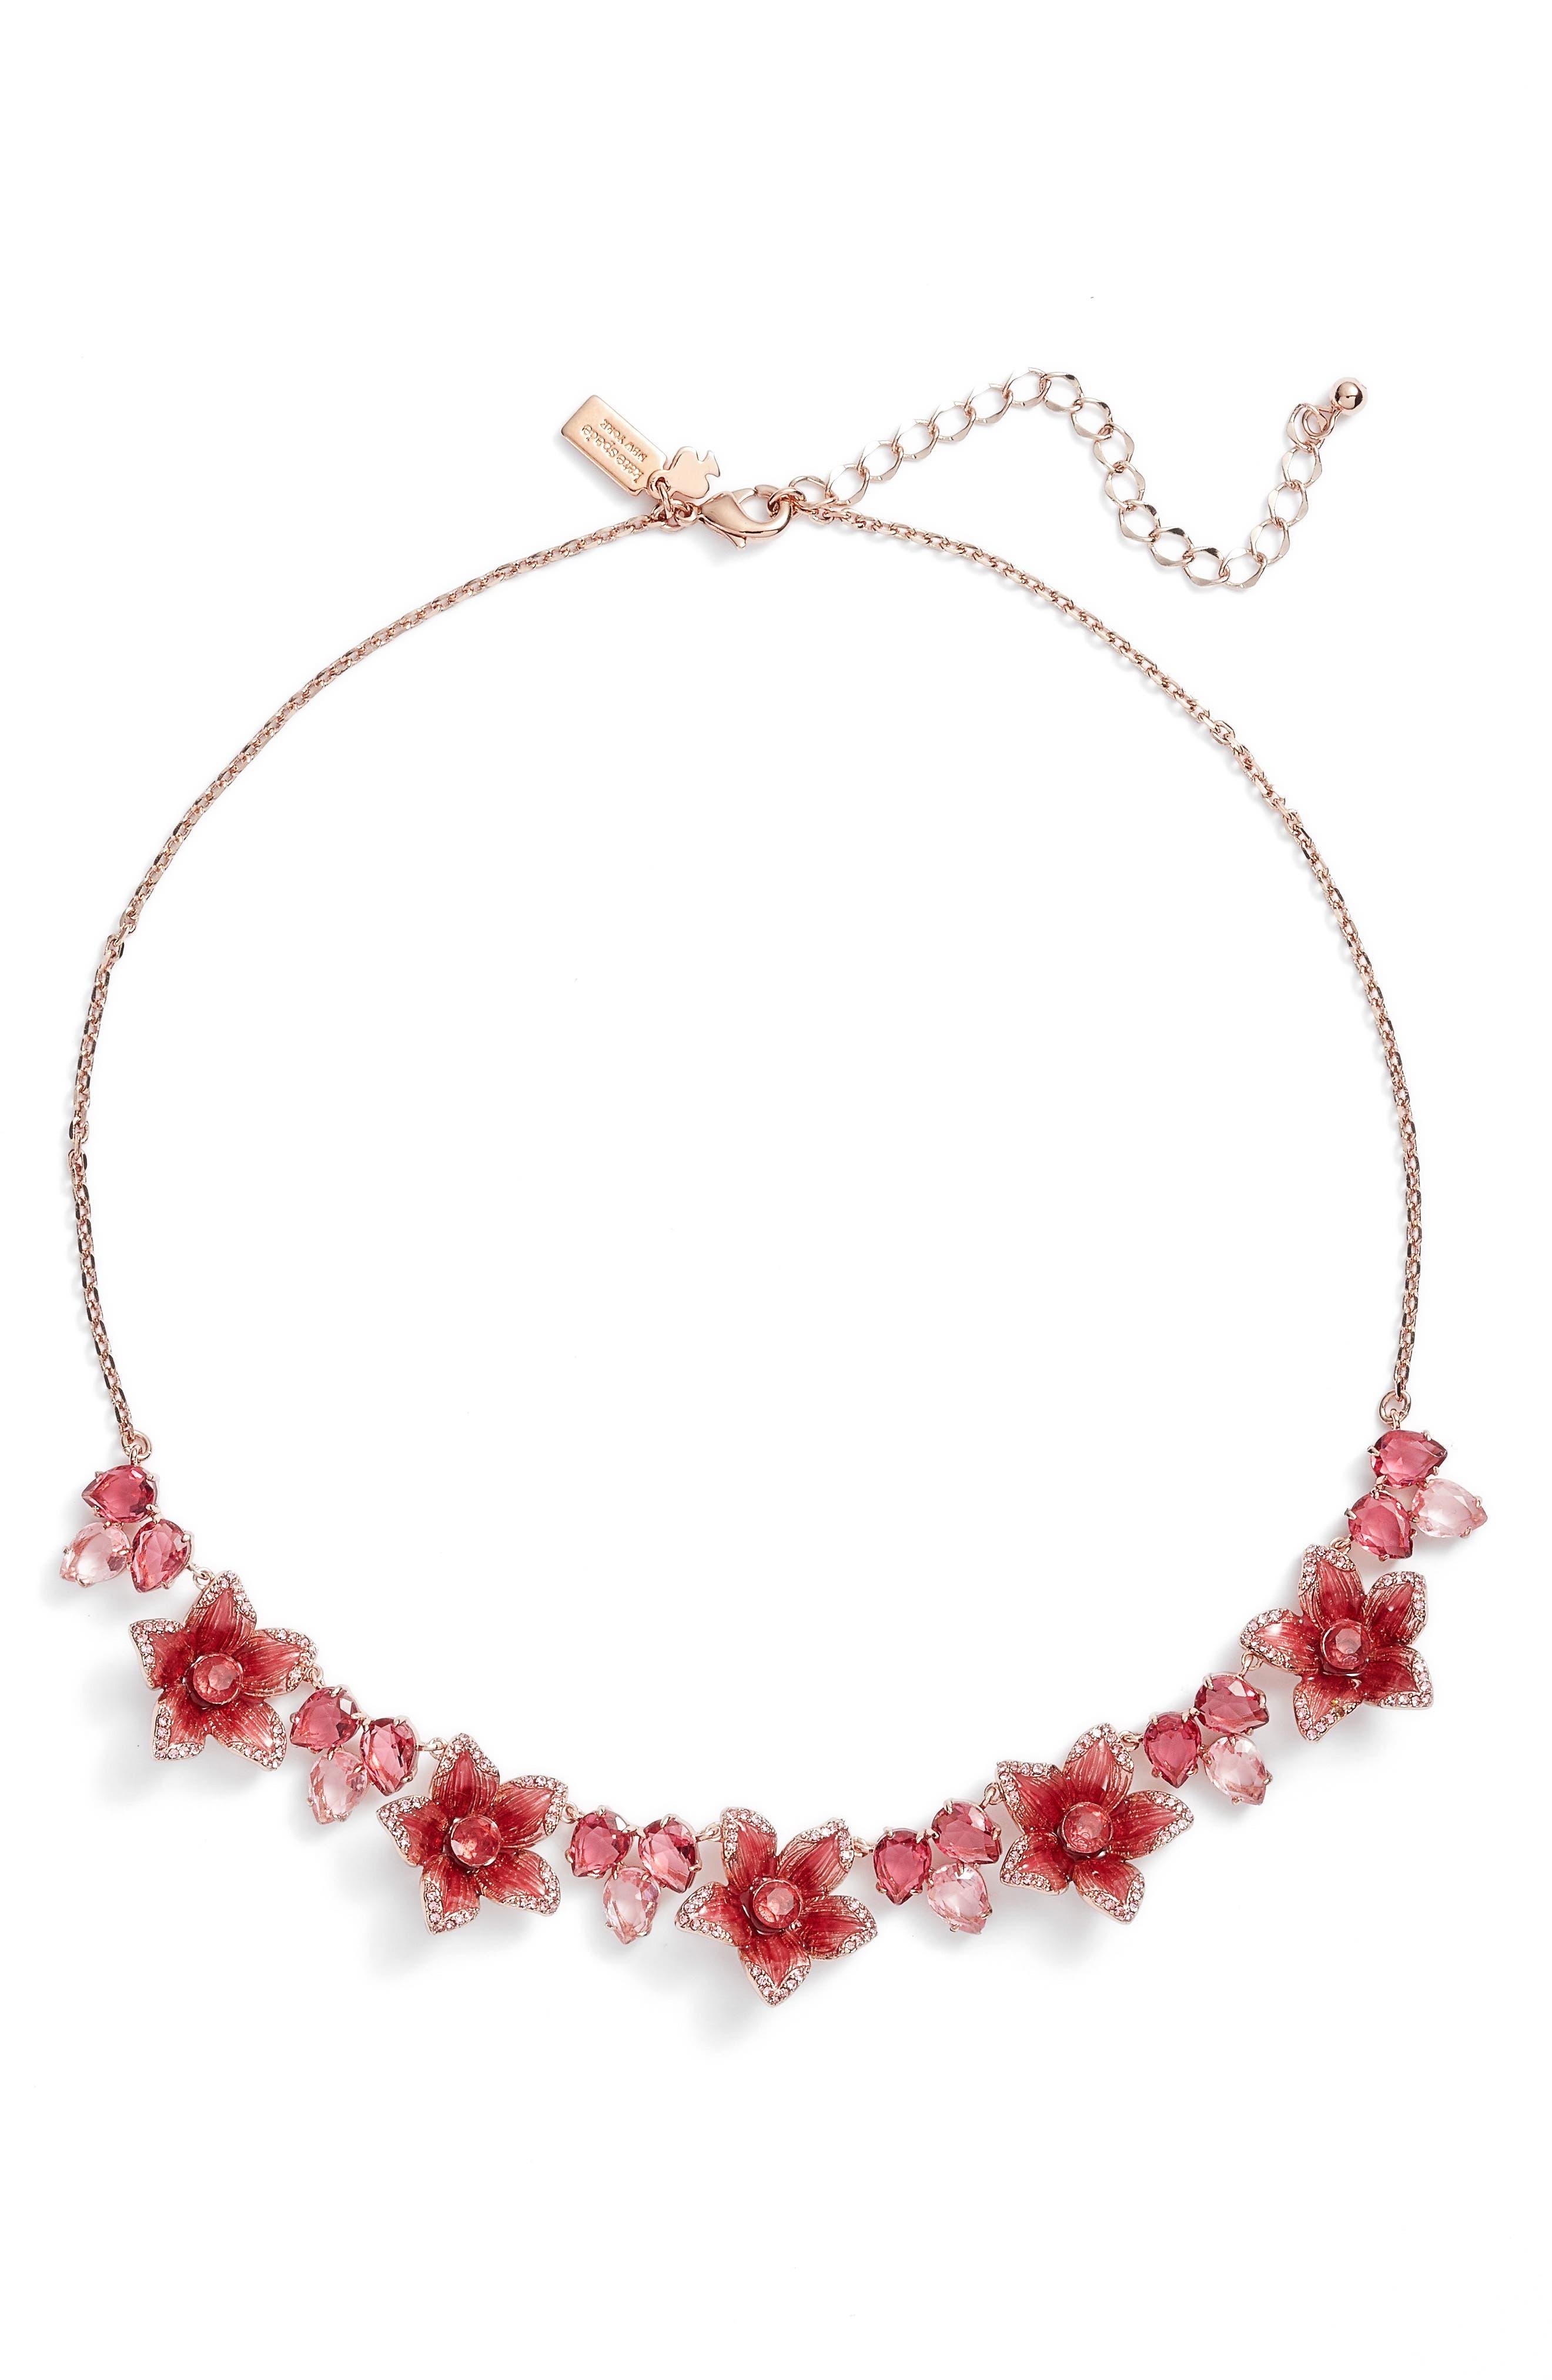 kate spade new york winter garden necklace